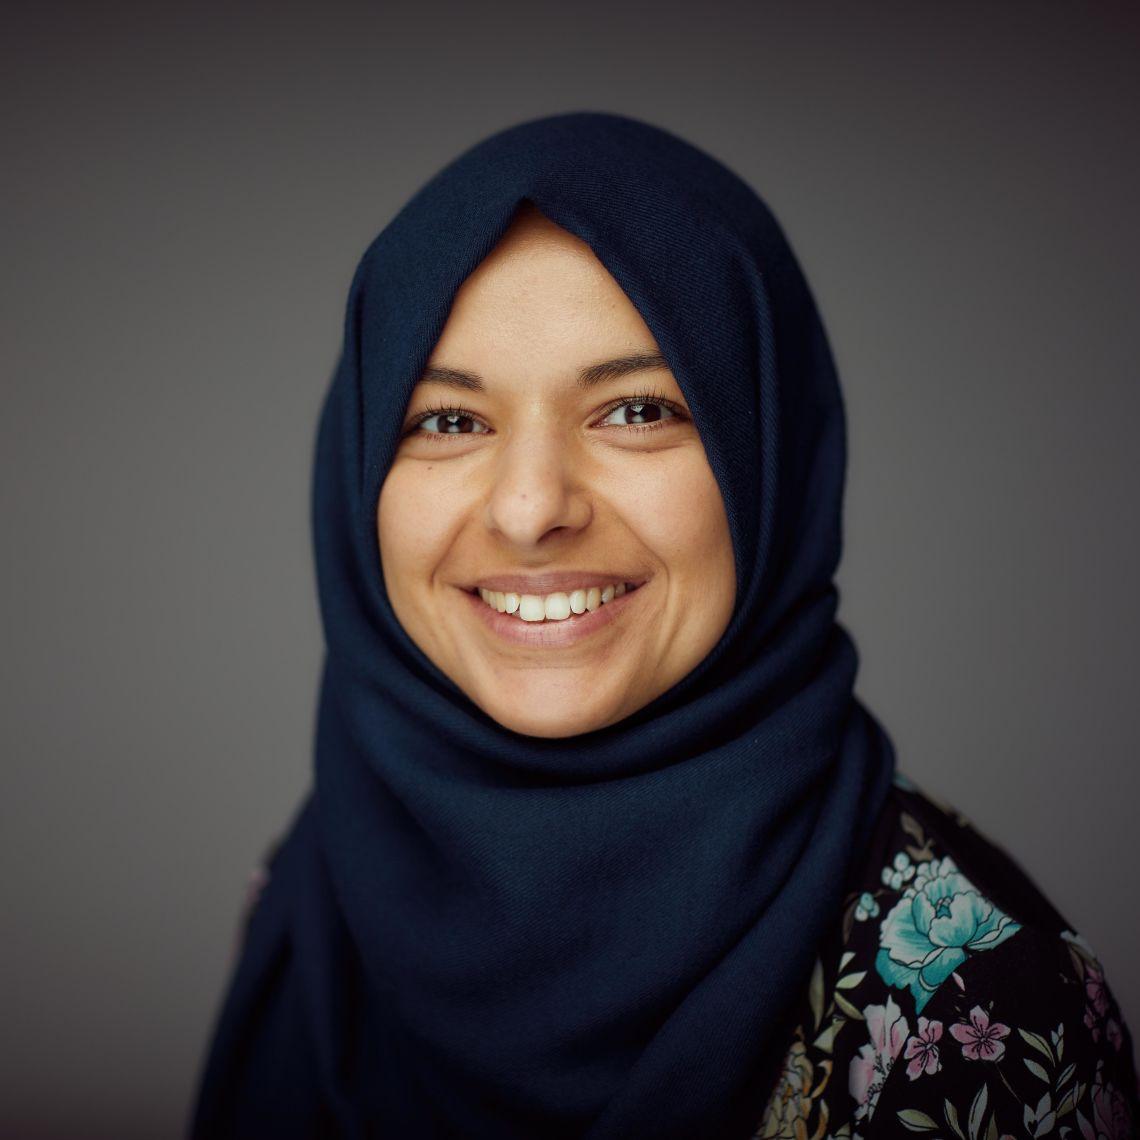 Zainab Al-Rawni